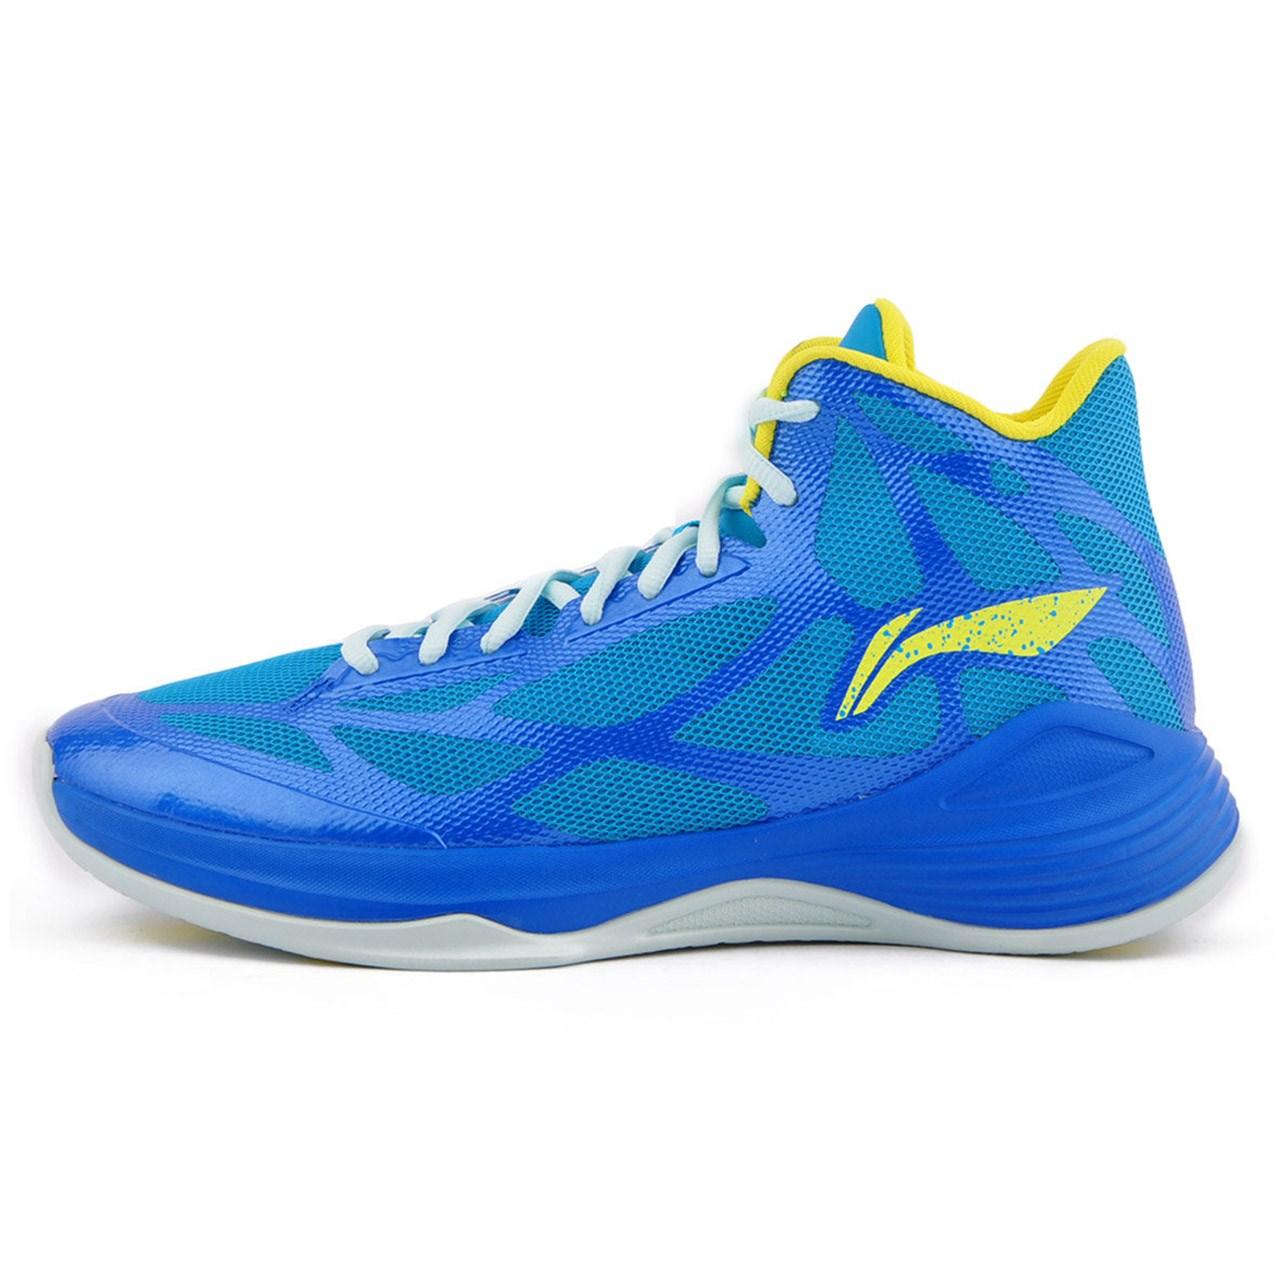 کفش بسکتبال مردانه لی نینگ مدل Sonic TD